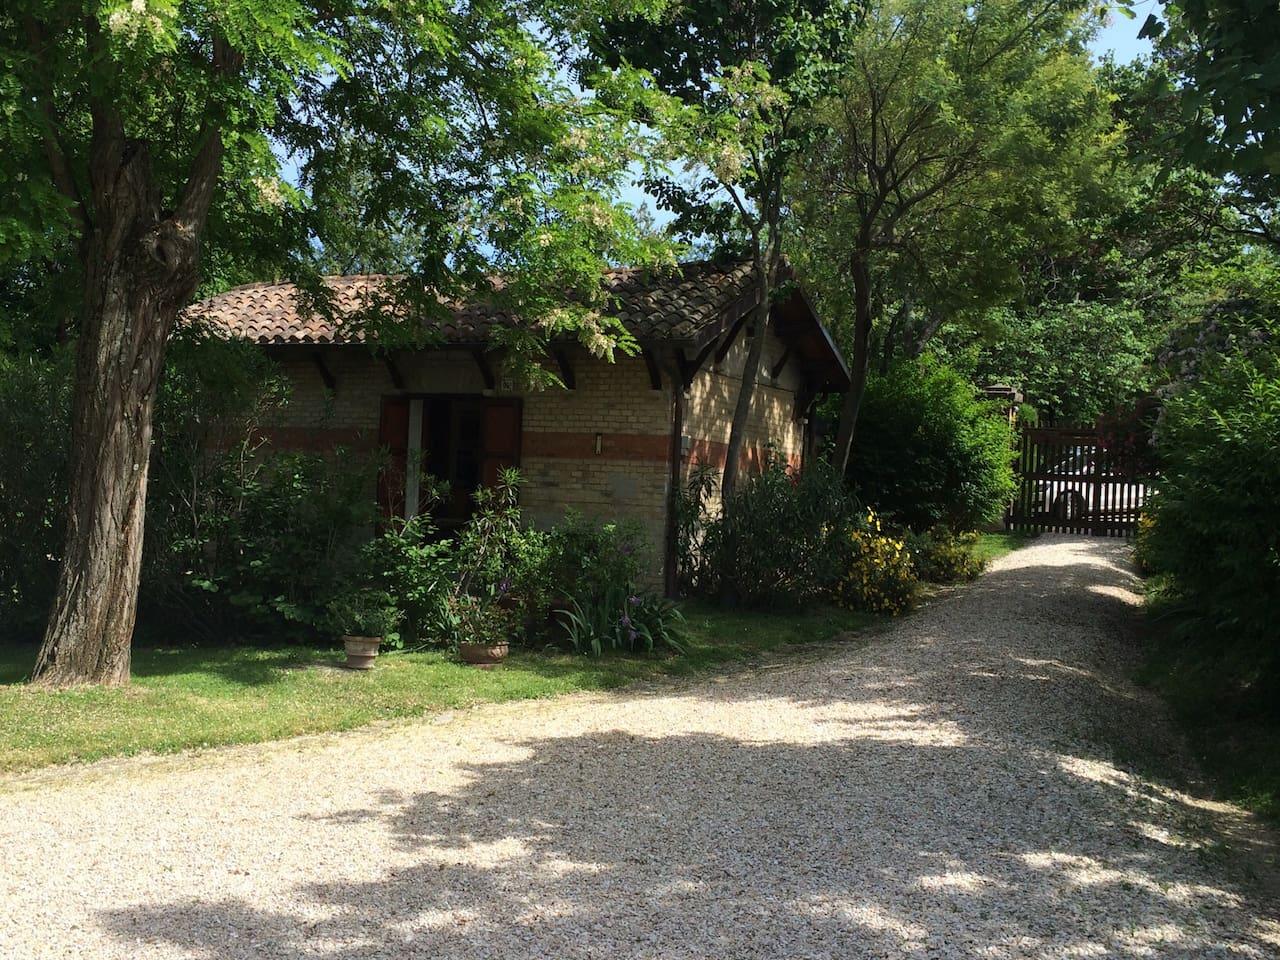 20 Migliori Chalet e Cottage in Affitto a Fano su Airbnb - Airbnb ...